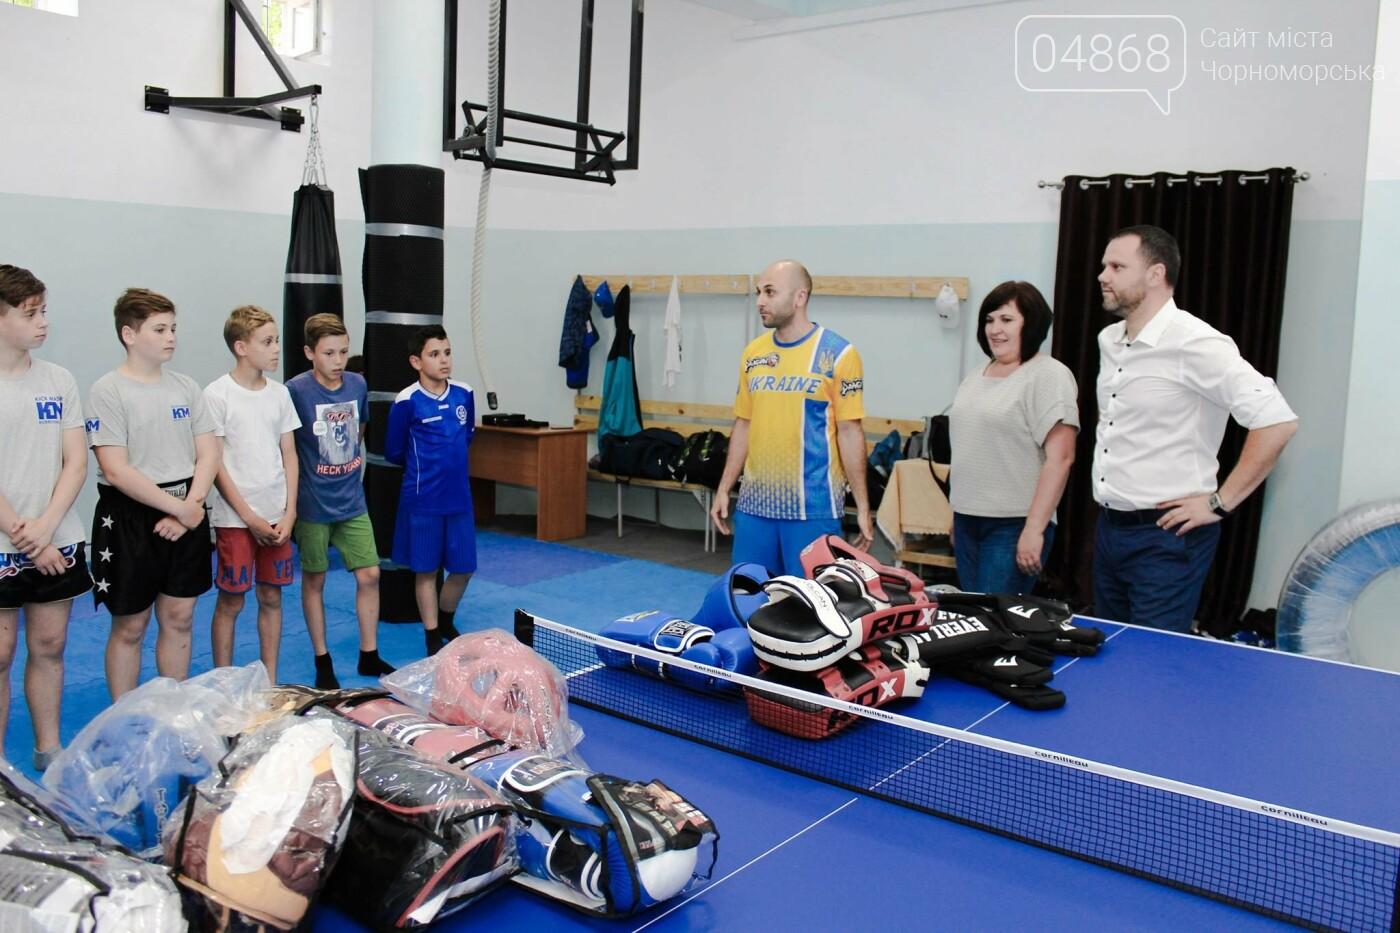 Спортивный инвентарь и теннисный стол: воспитанников клуба «Кик Мастер» поздравили с Днем защиты детей, фото-2